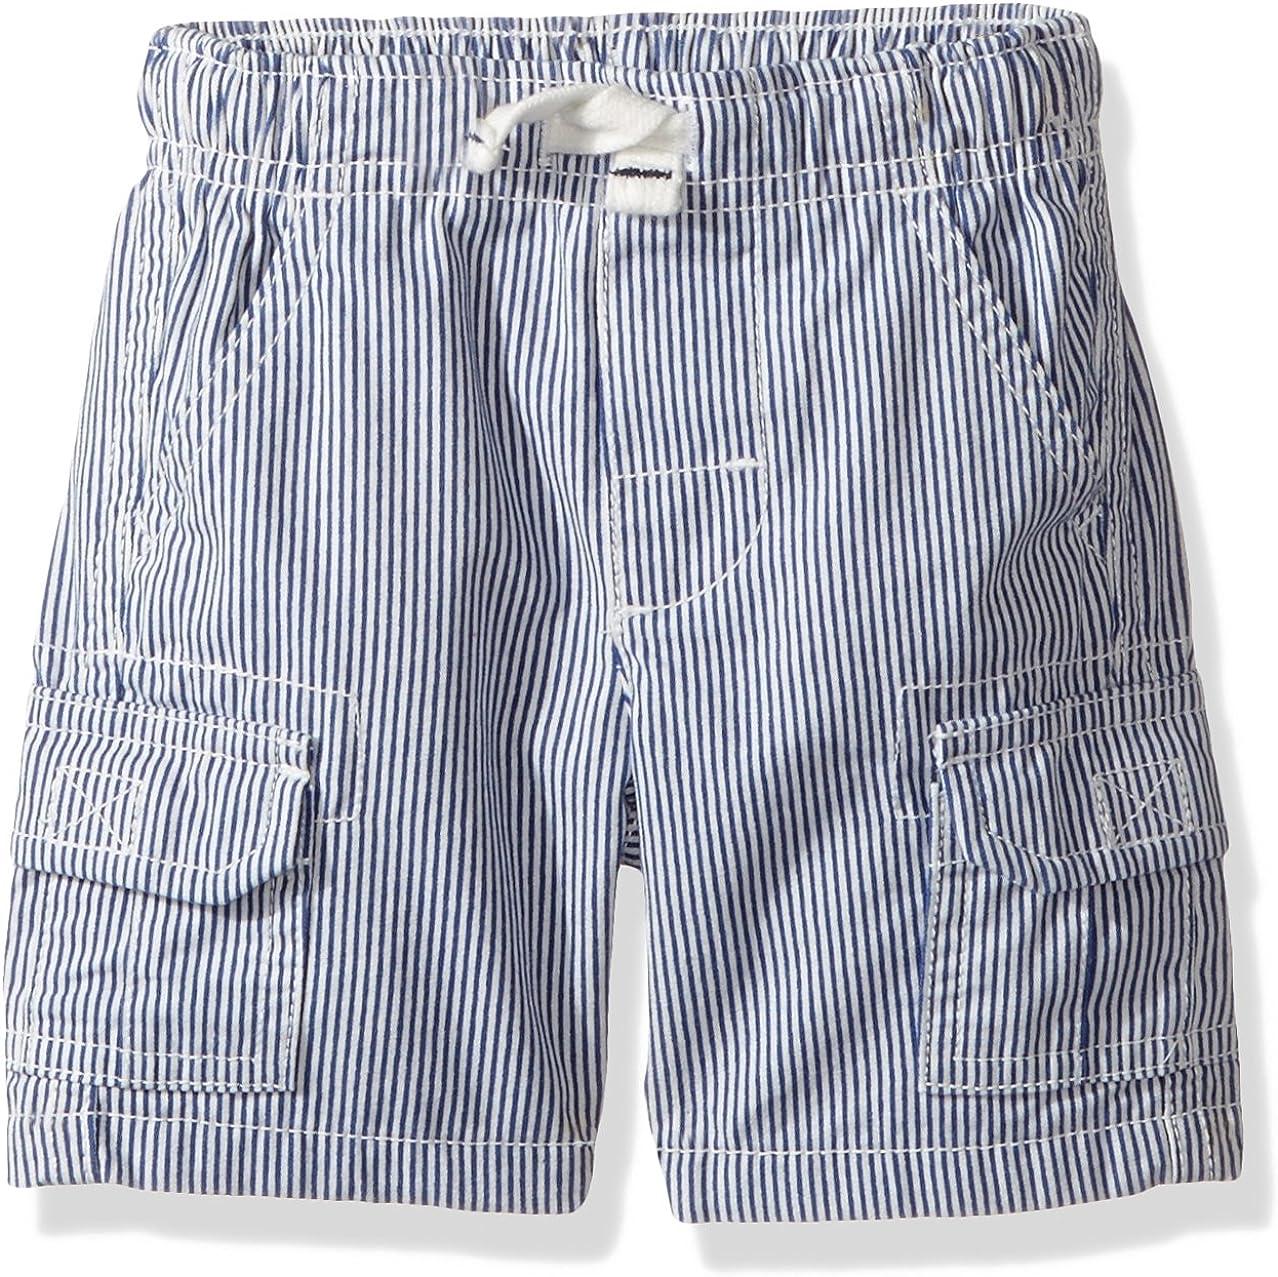 Carter's Baby Boys' Woven Short 224g372